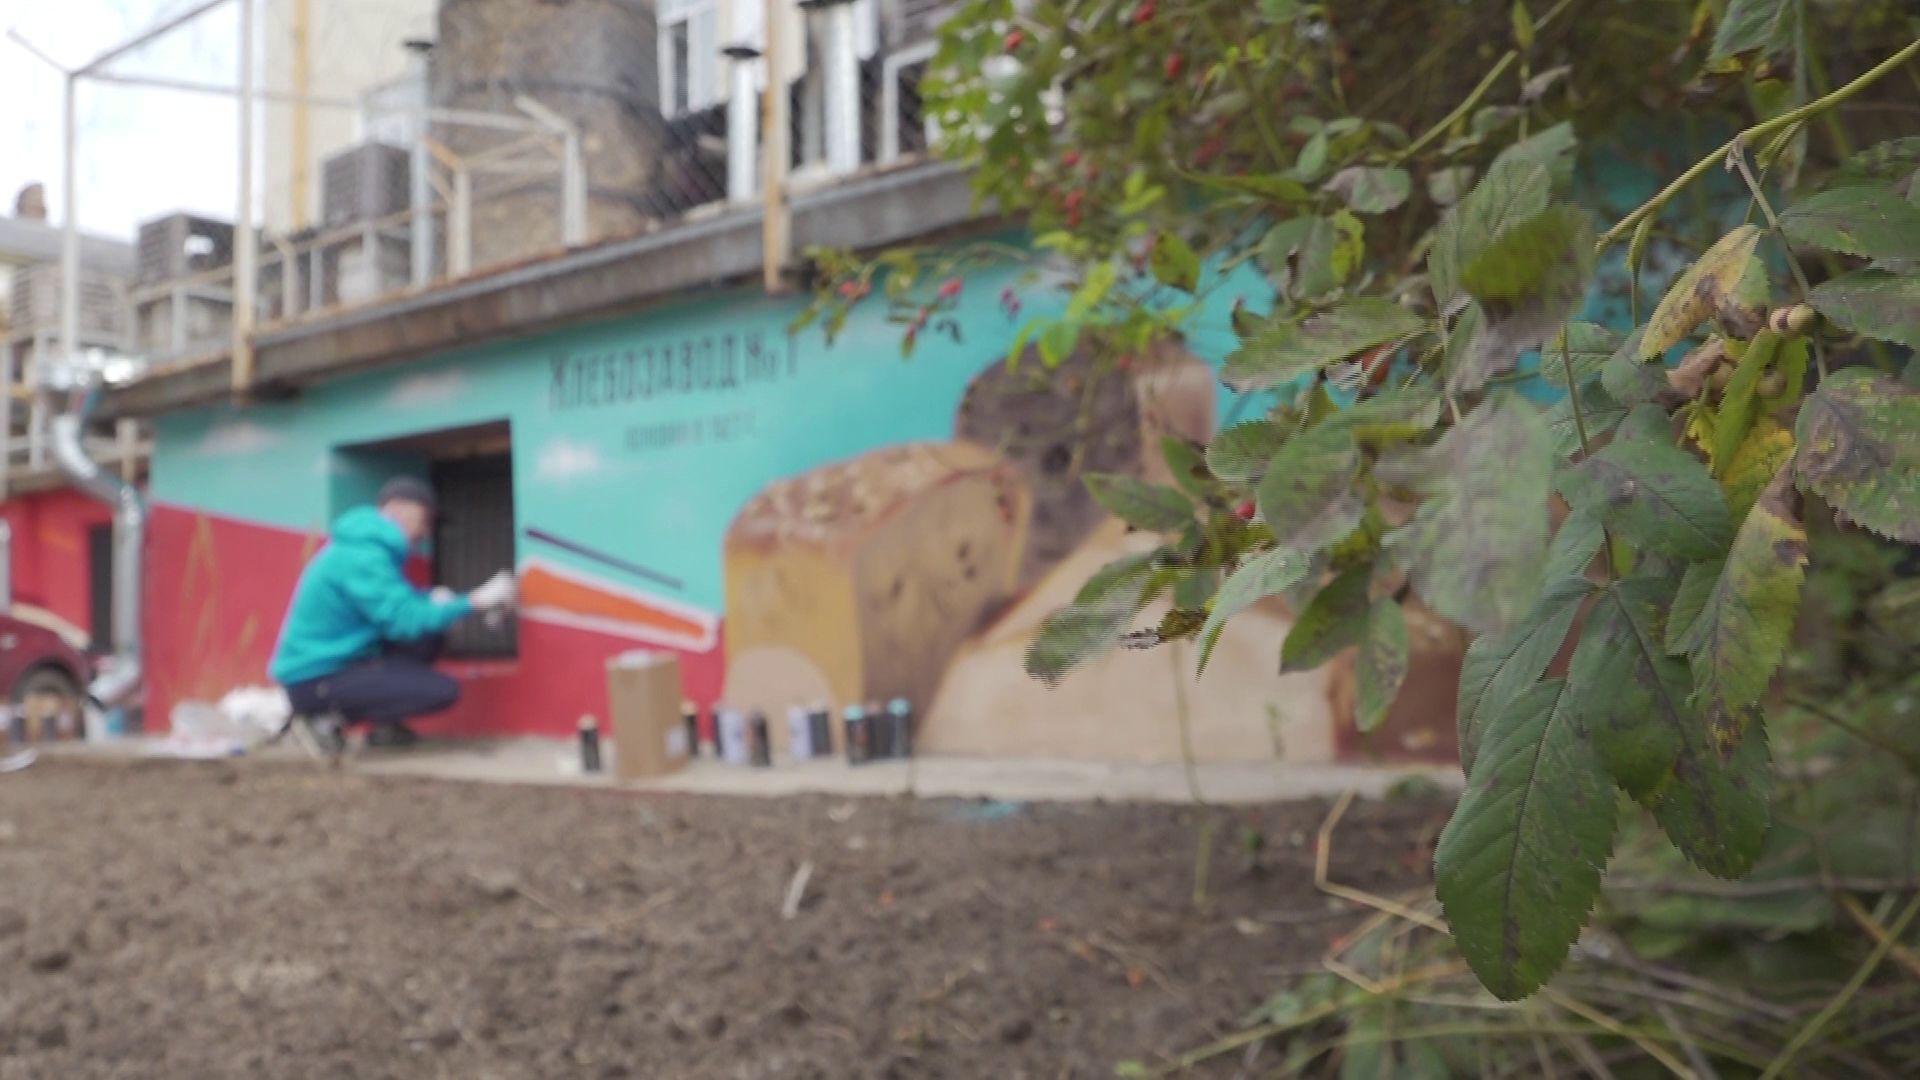 Ярославские художники граффити завершили создание панно